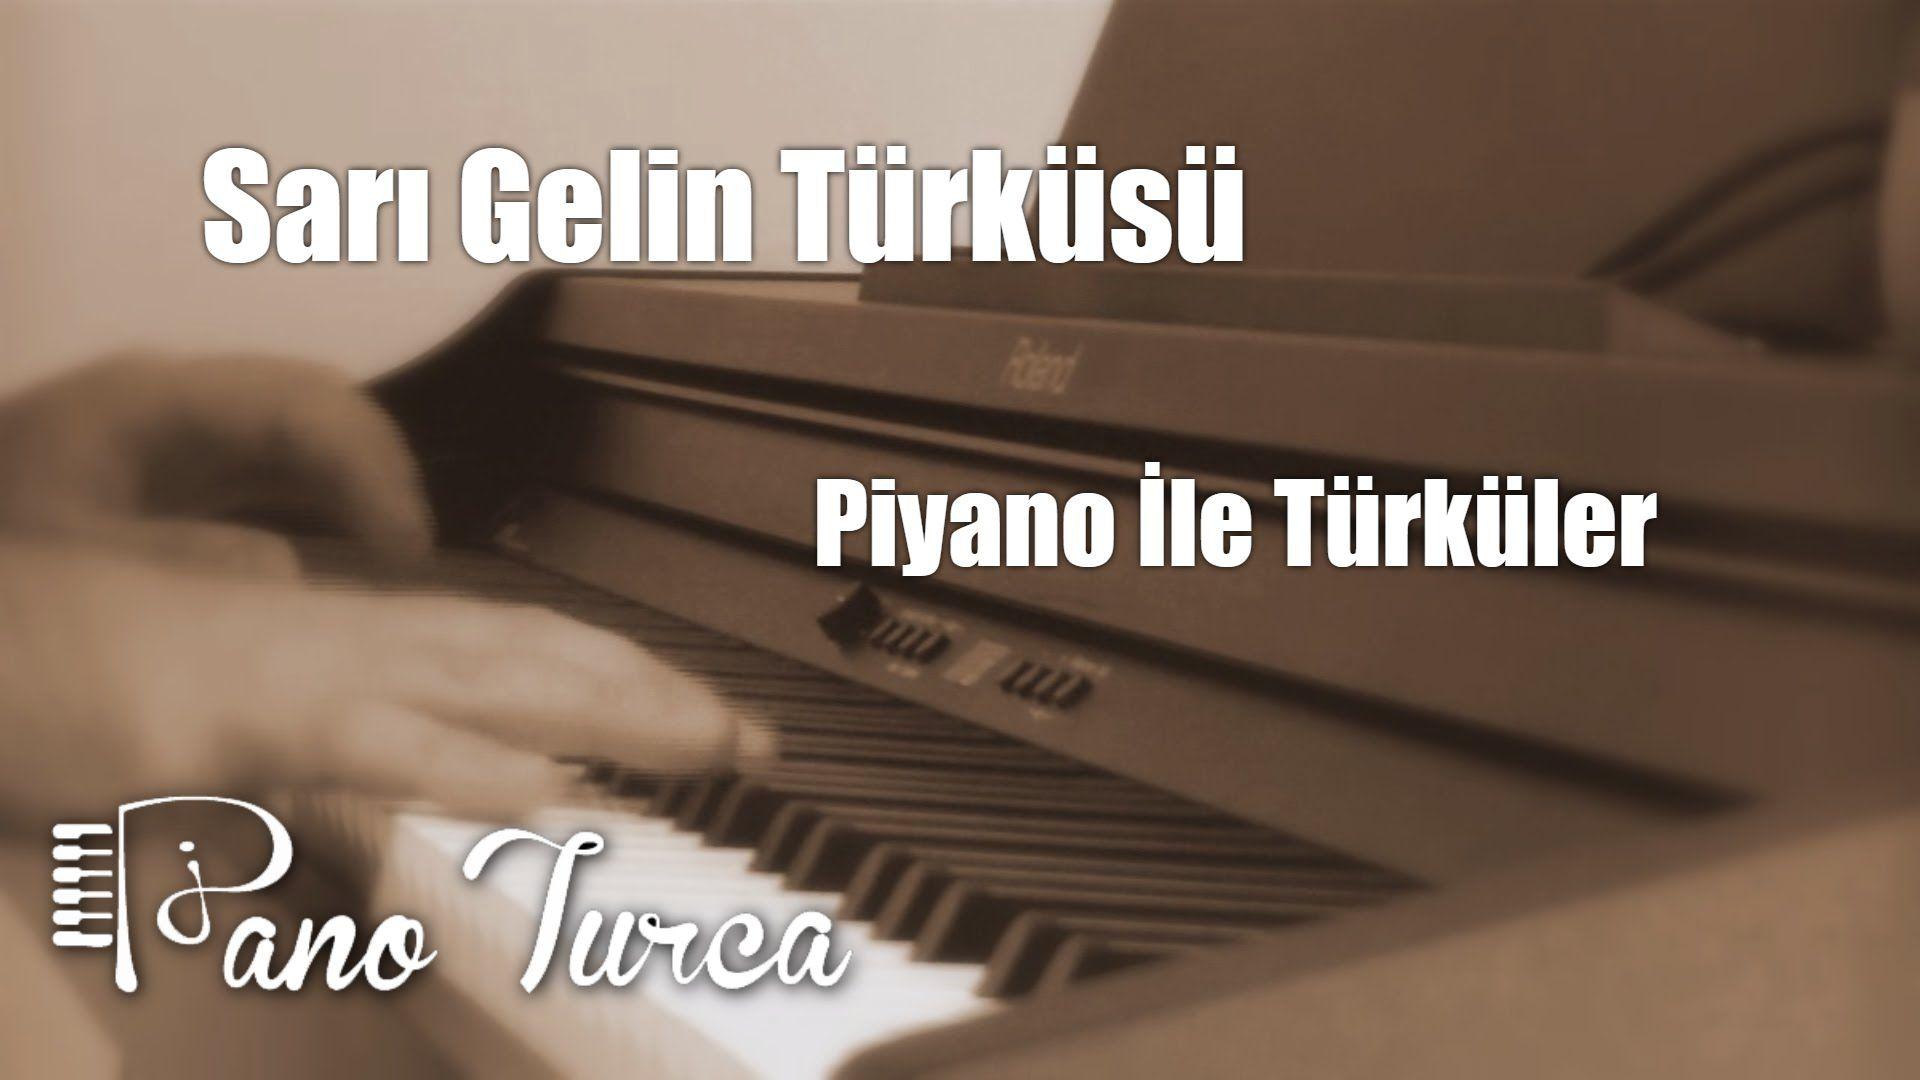 Sari Gelin Sari Gəlin Sari Gyalin Piano Cover Piyano Sarisin Gelin Gelin